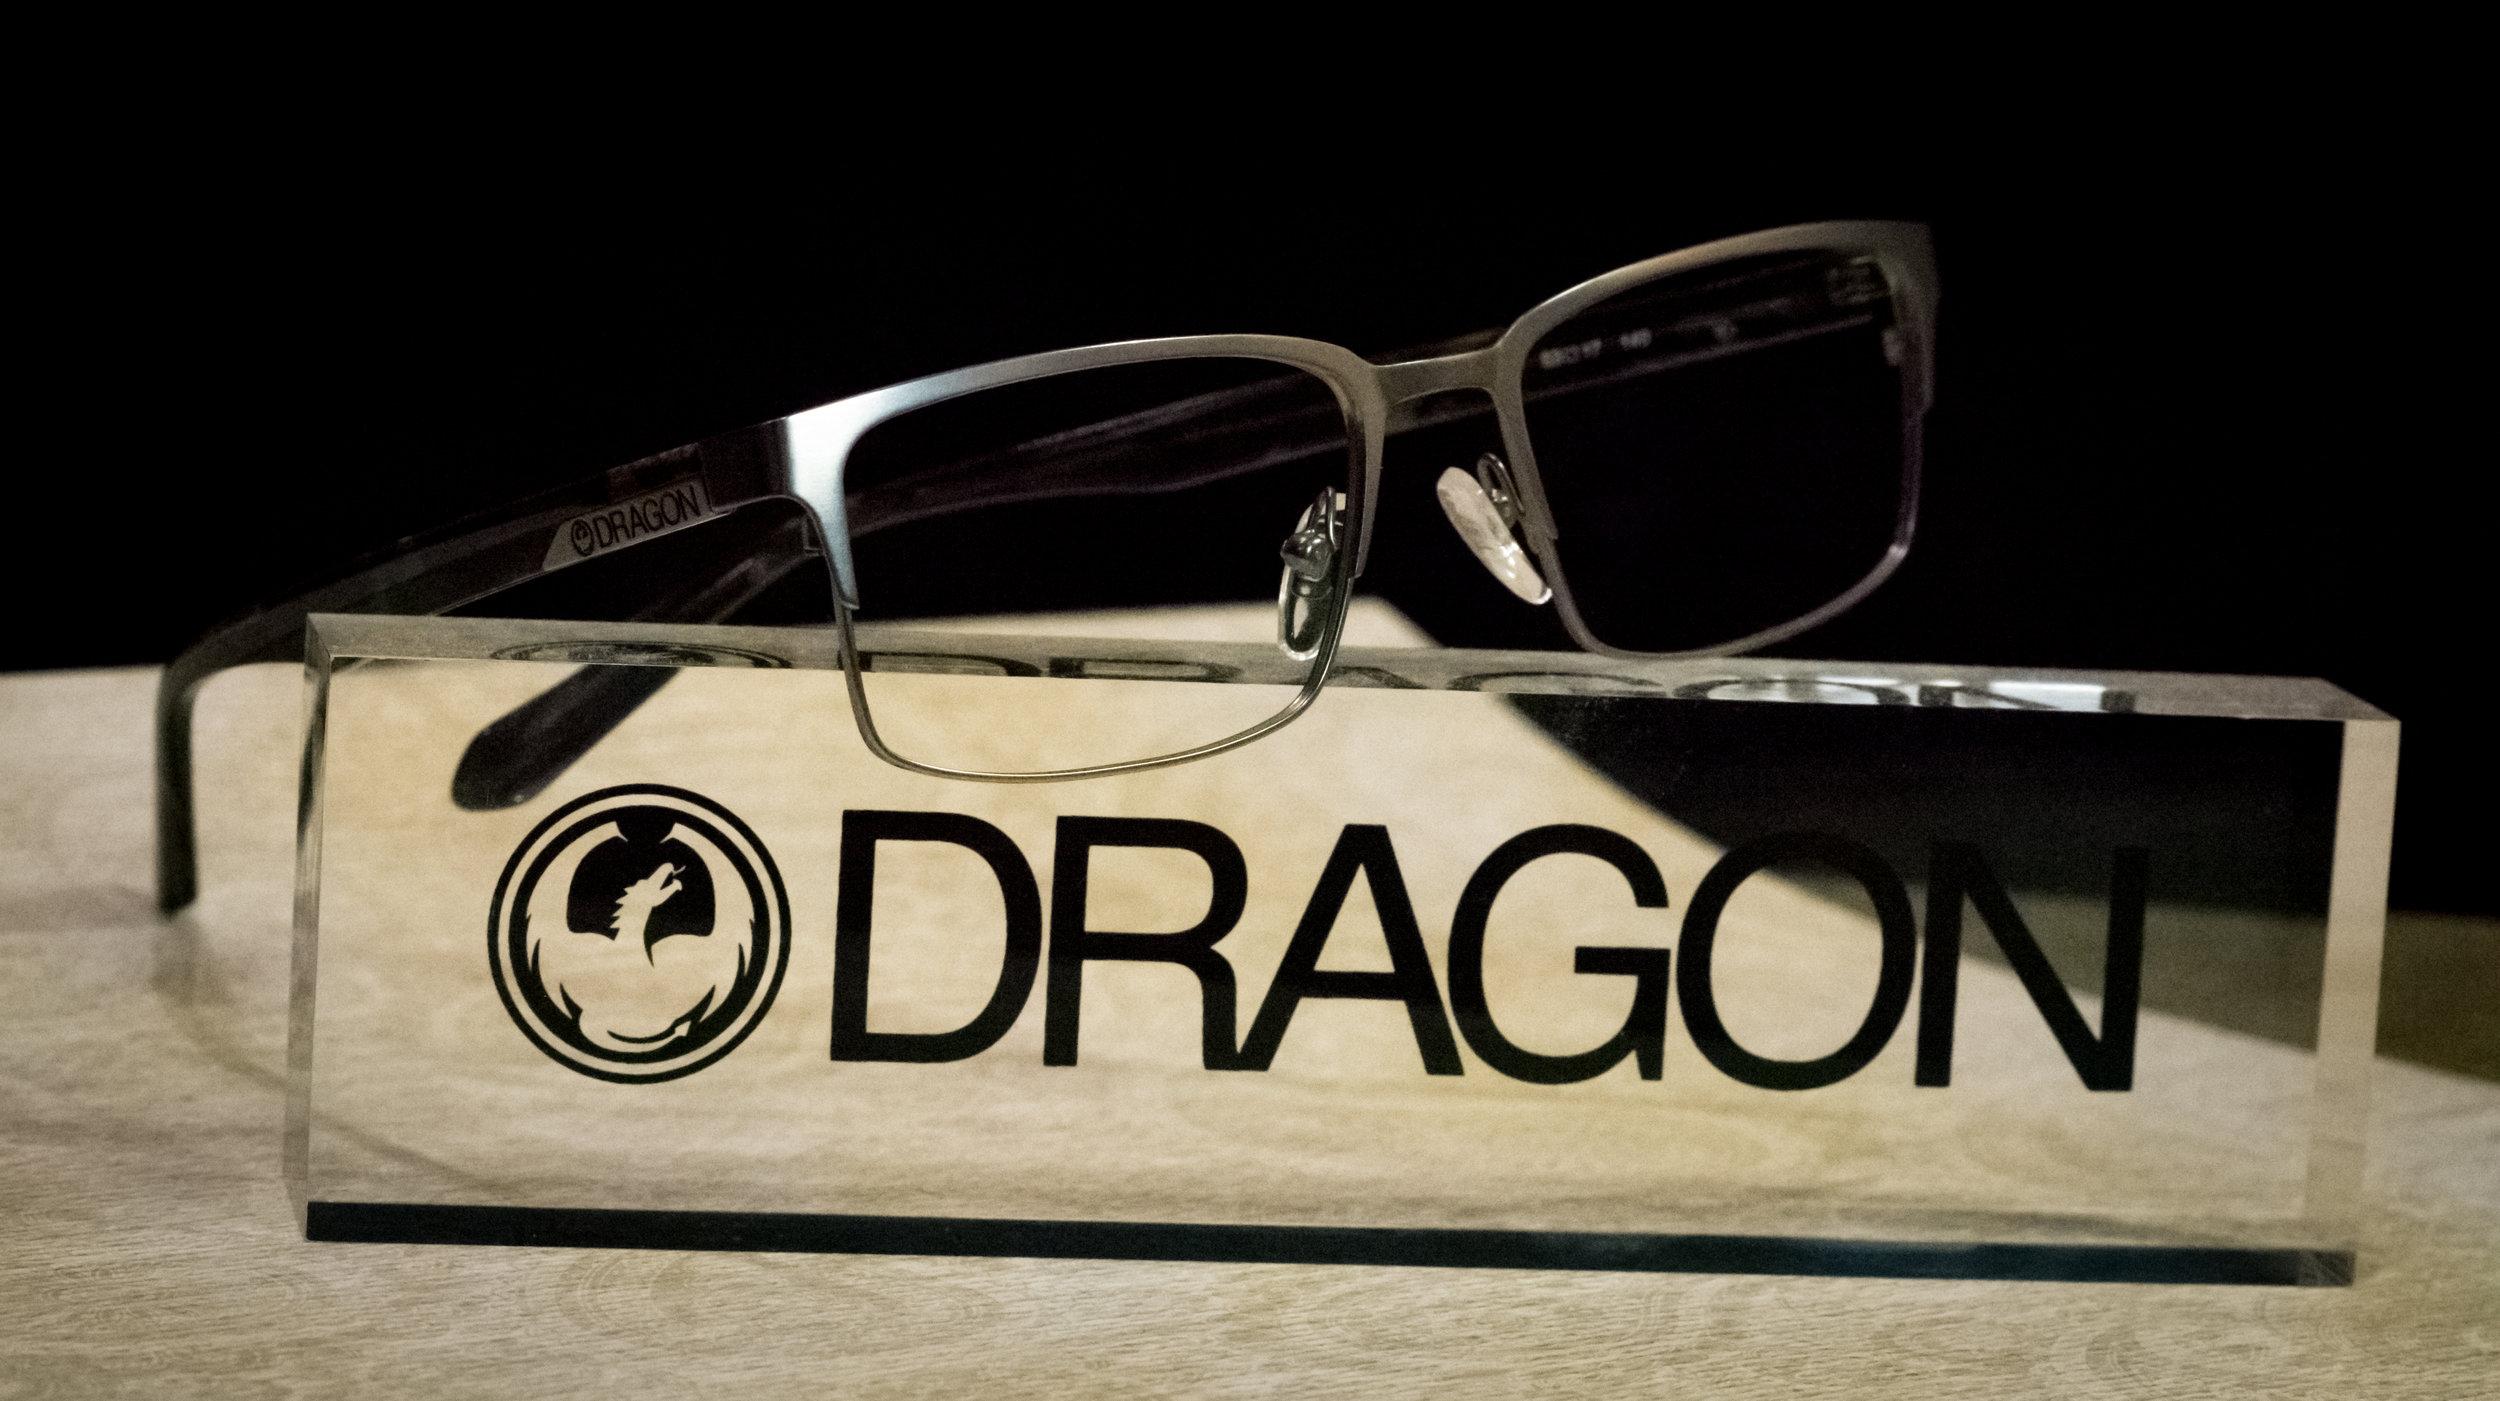 DragonBen